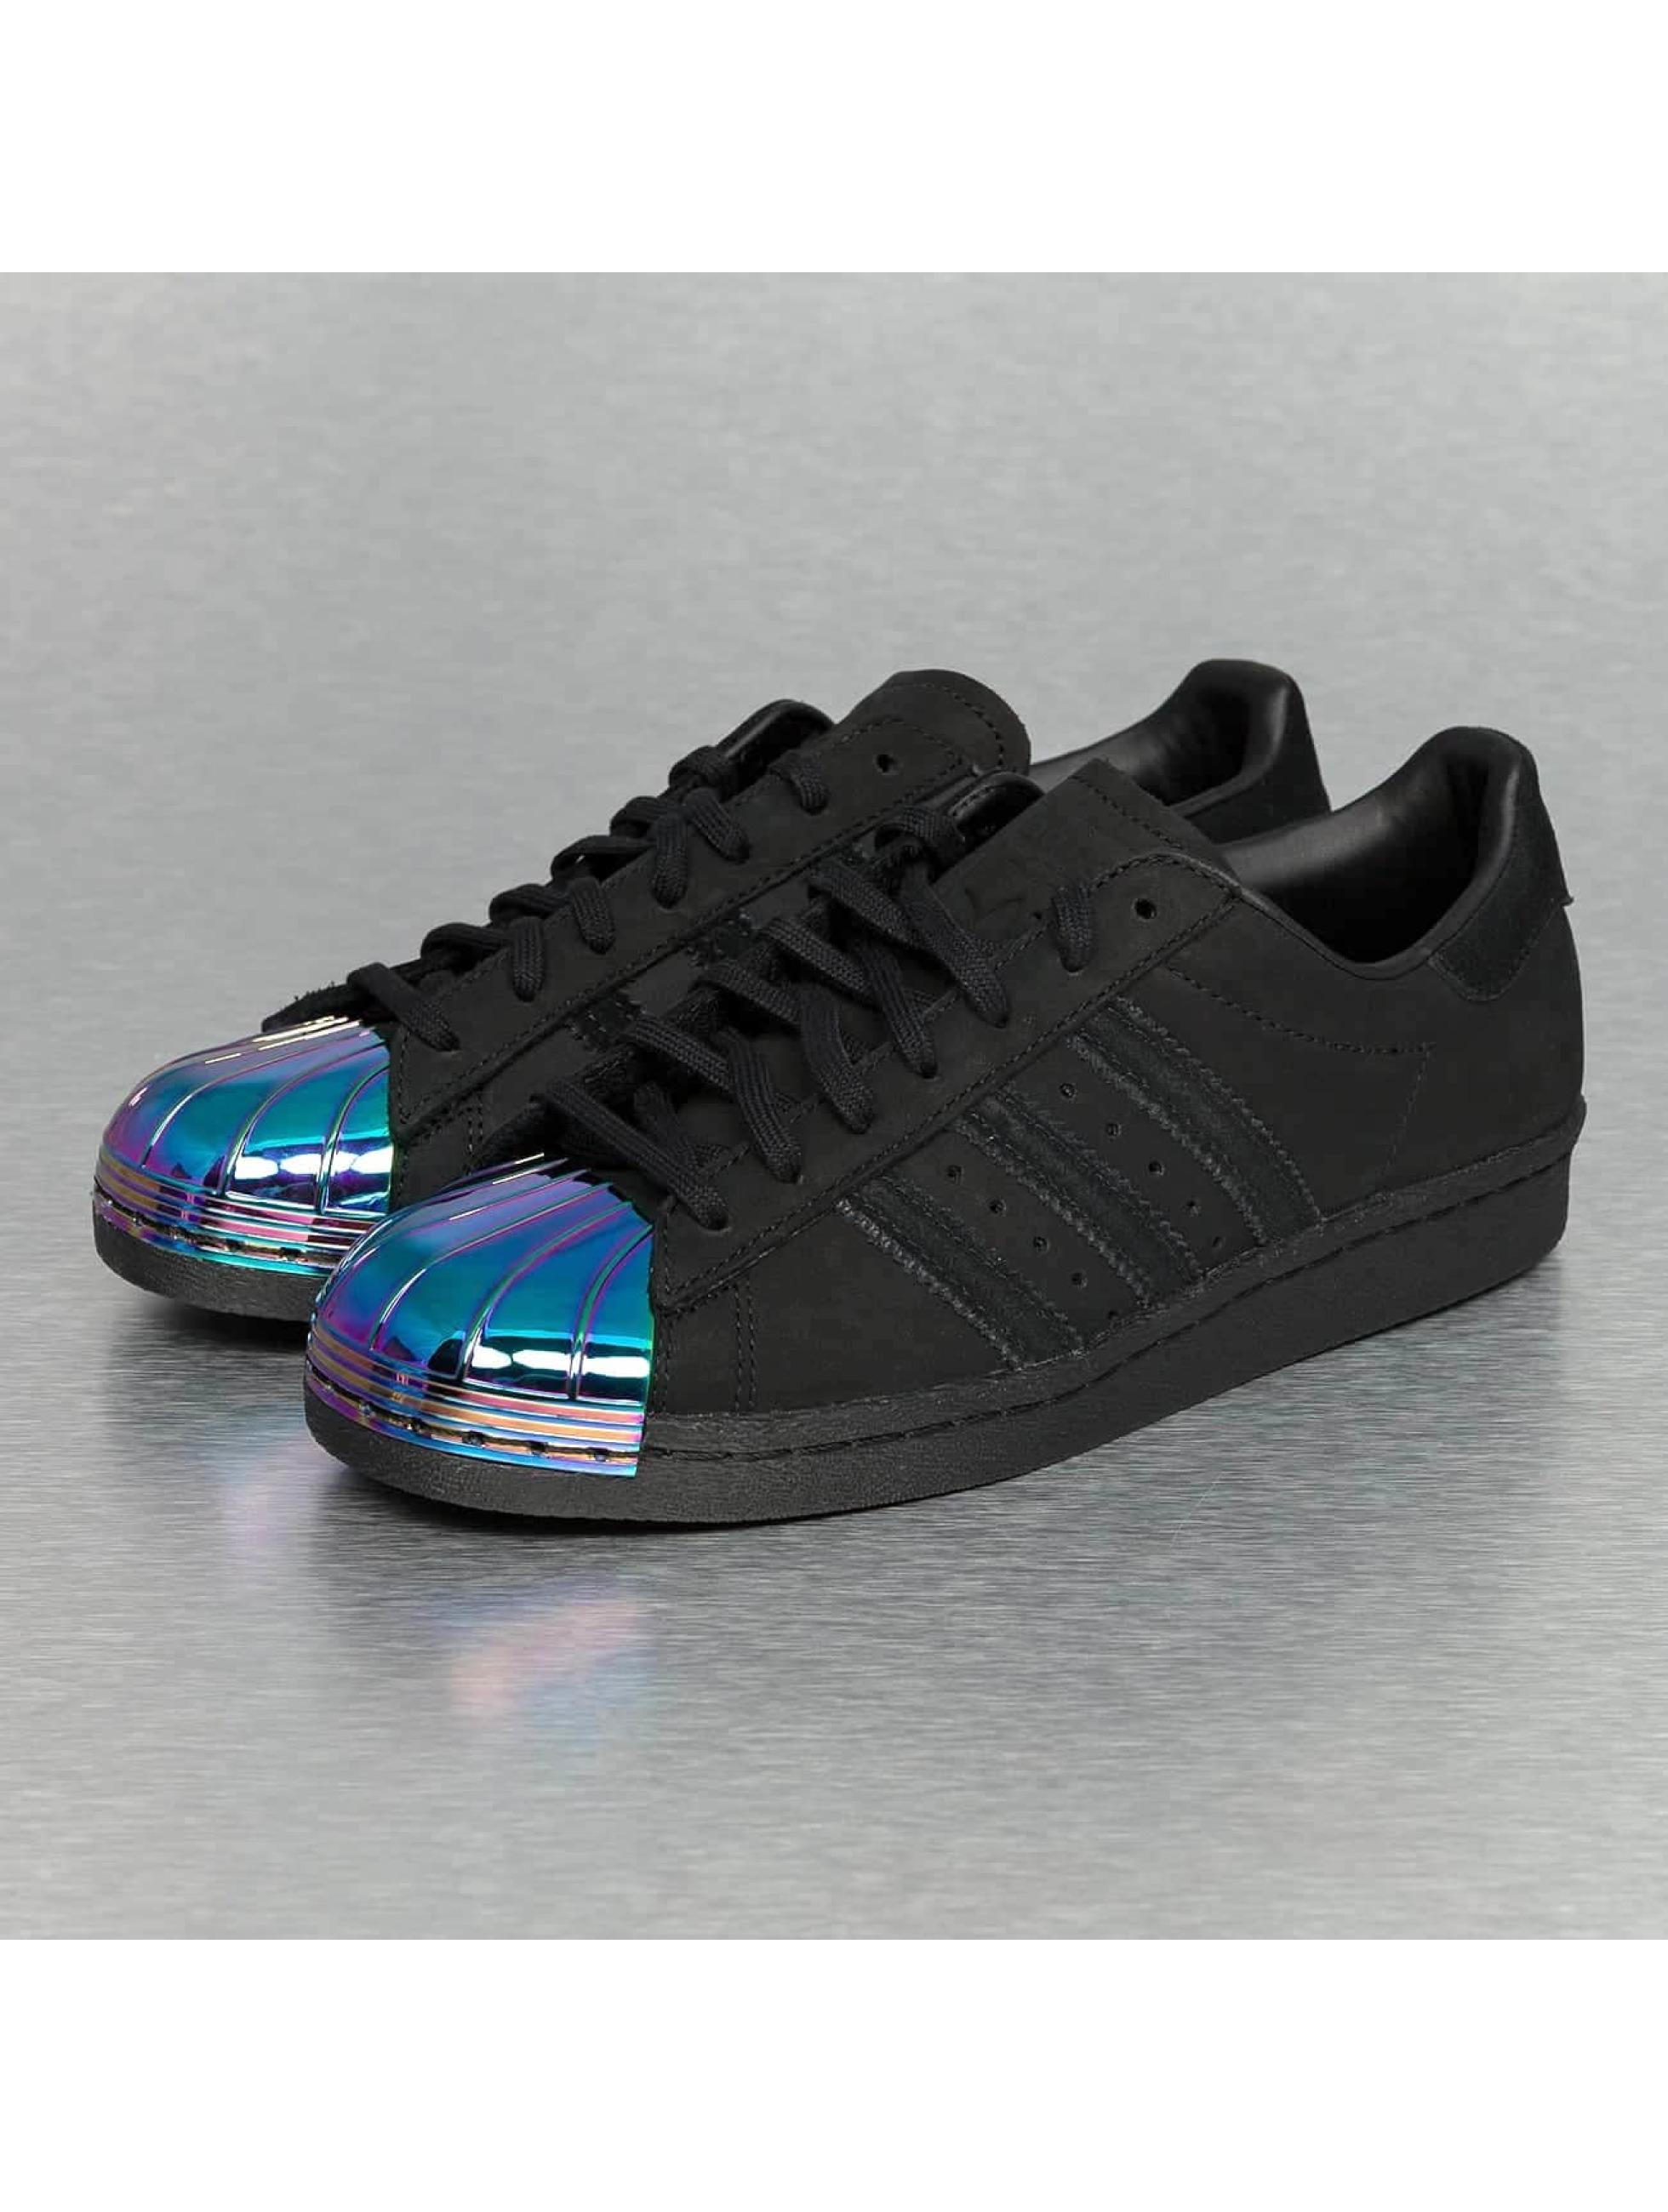 adidas superstar zwart glimmend